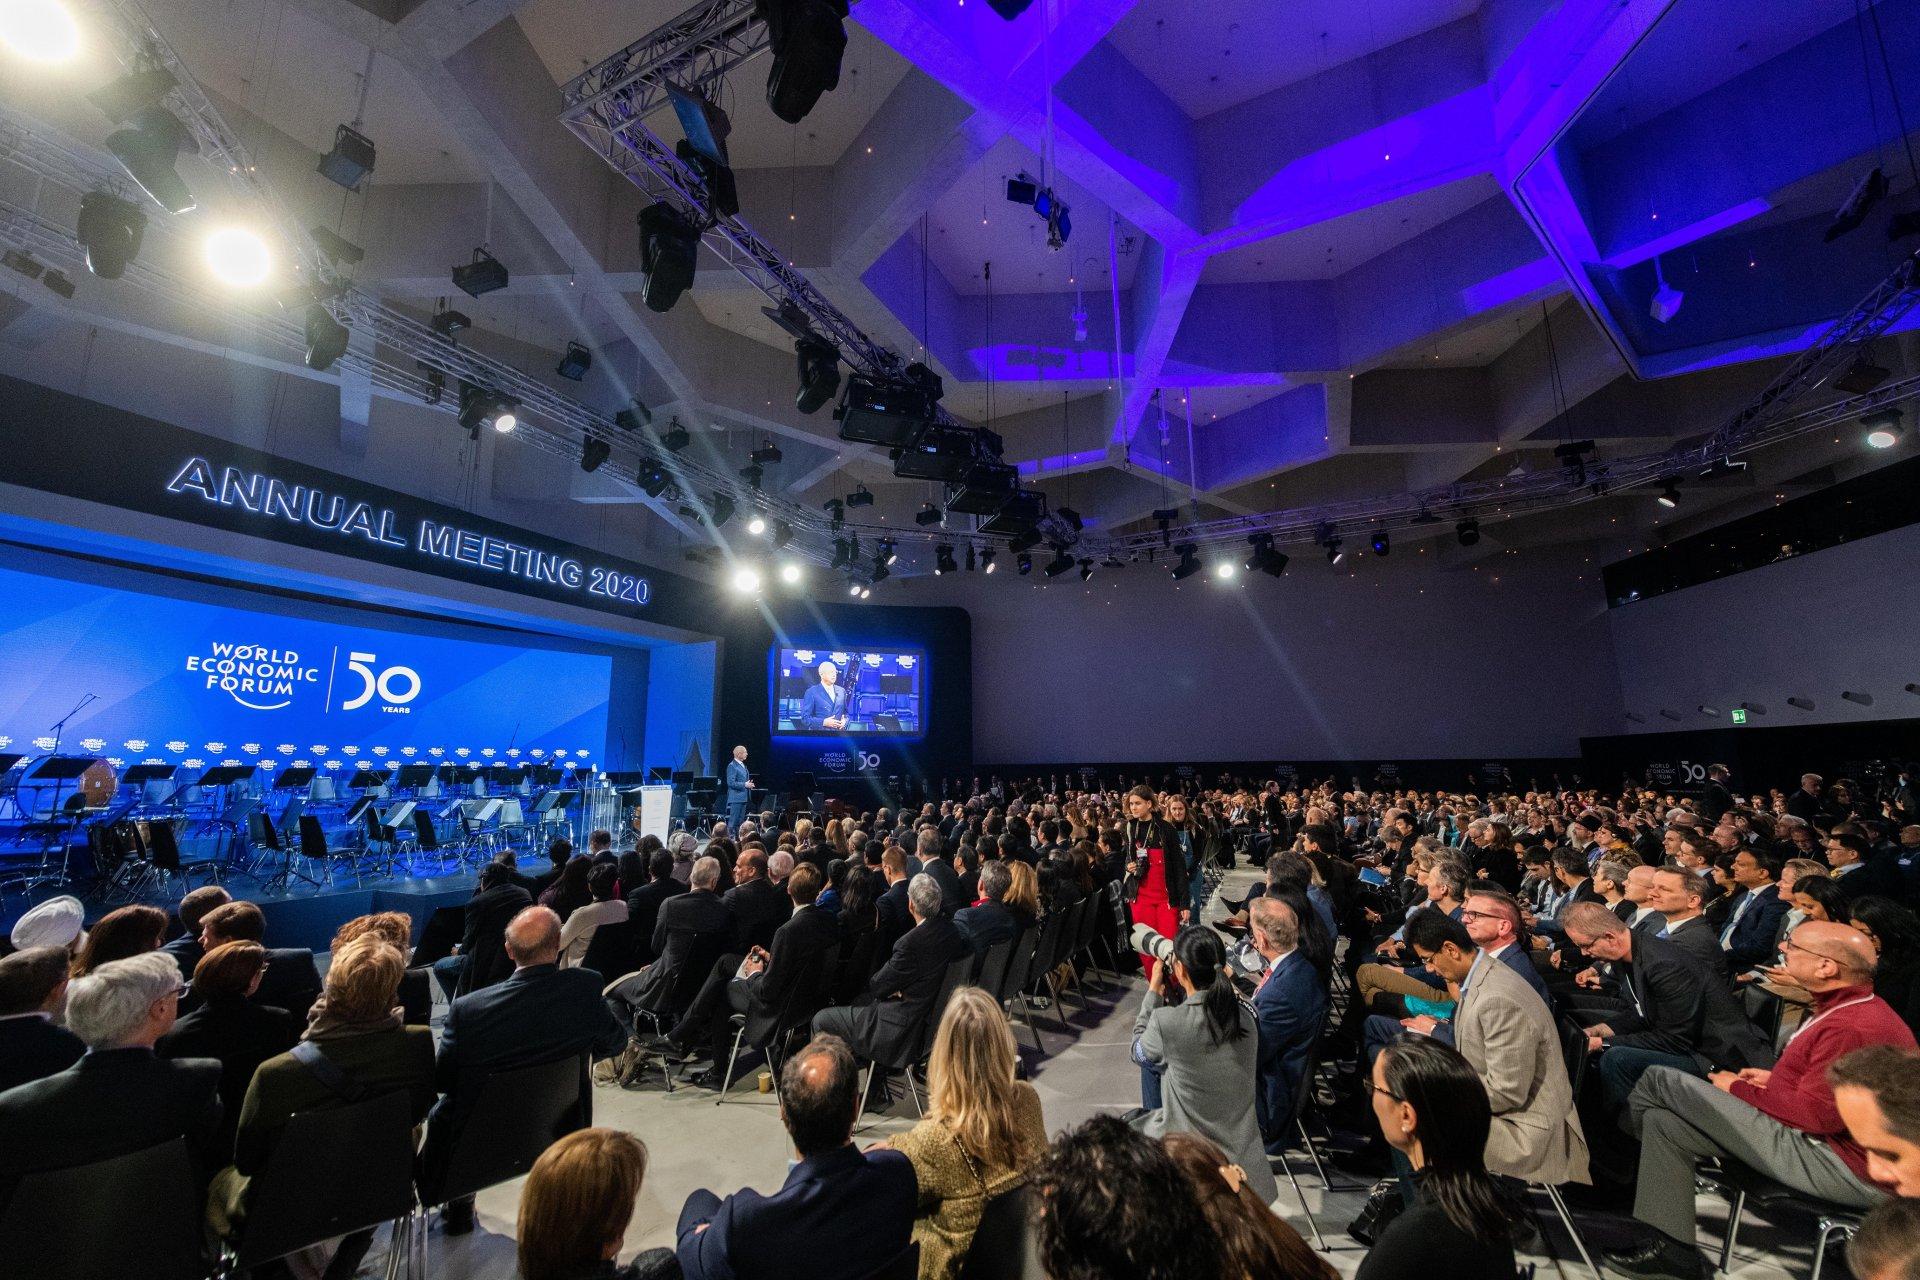 Ерөнхийлөгч Х.Баттулга Дэлхийн эдийн засгийн чуулганд оролцож байна